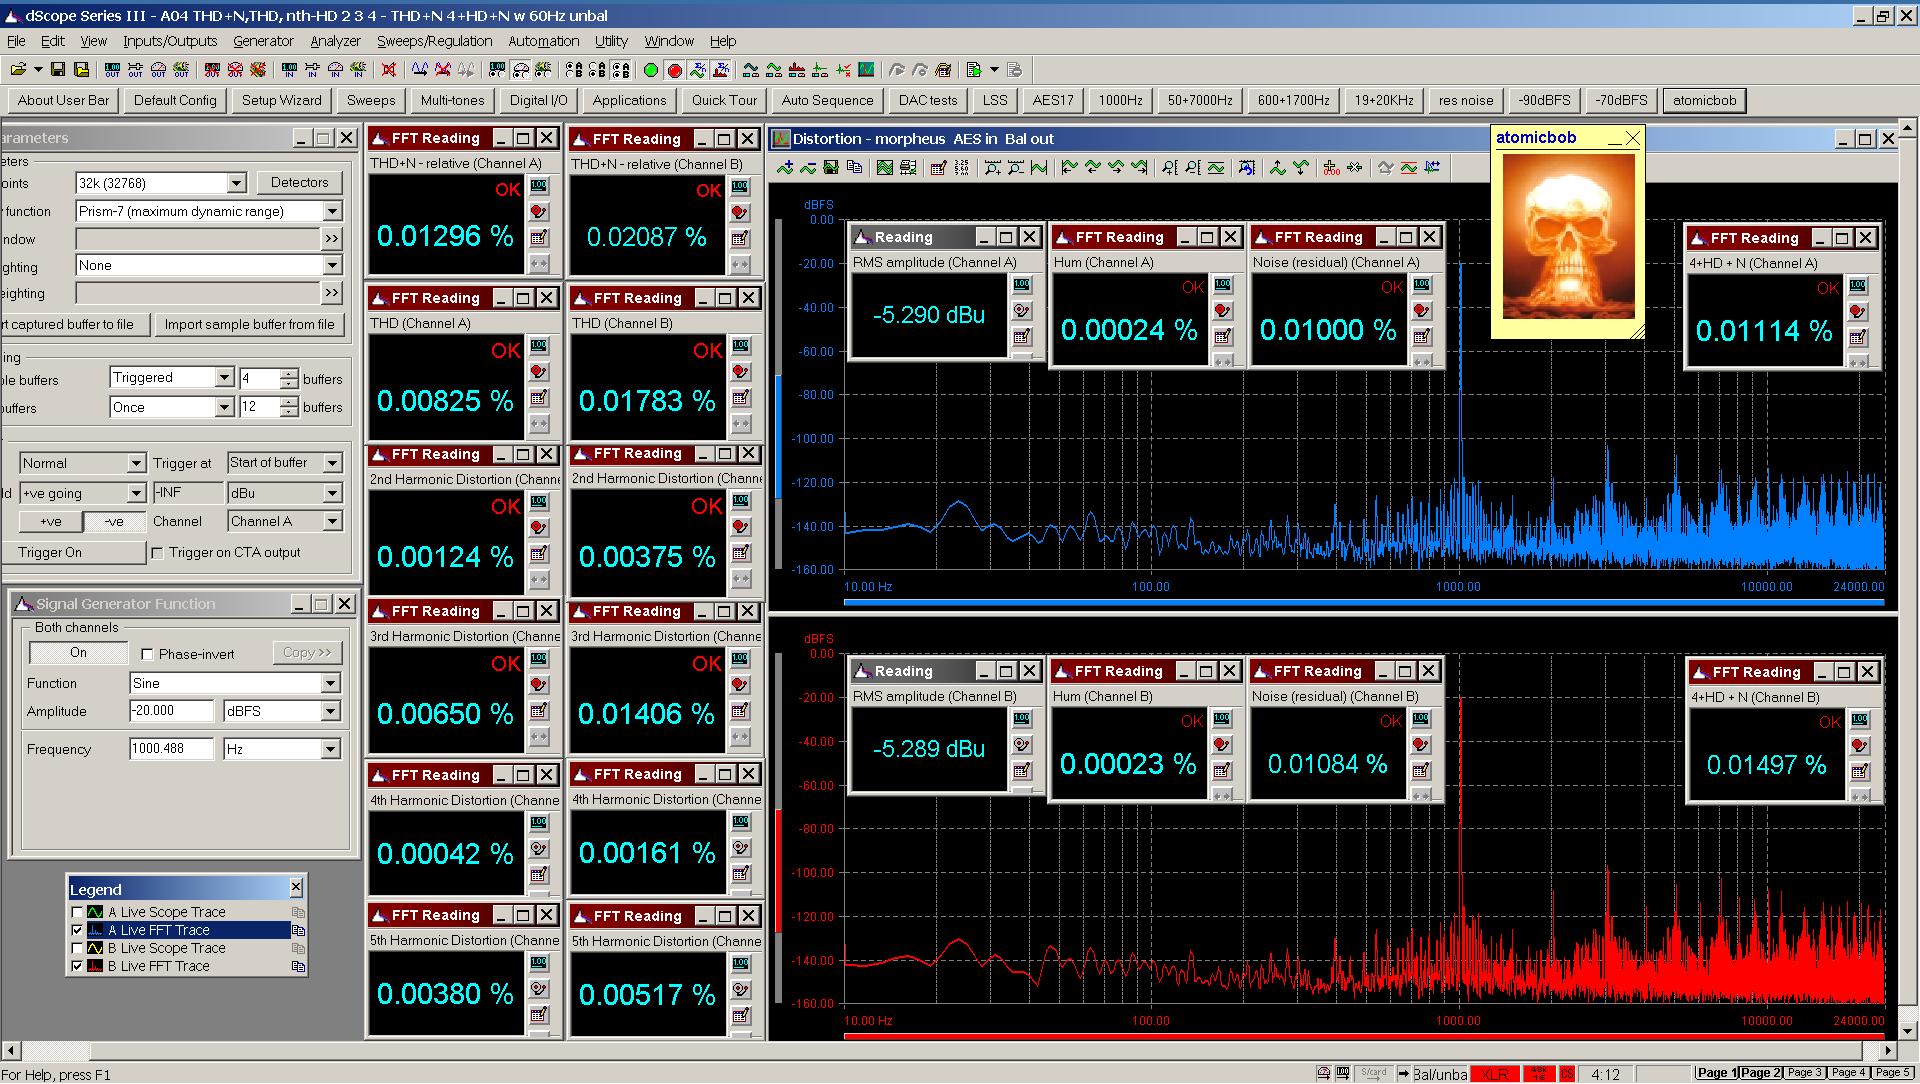 20200723 morpheus A04 THD+N THD nth-HD 4+HD+N 60Hz FFT Bal -20dBFS - AES.png